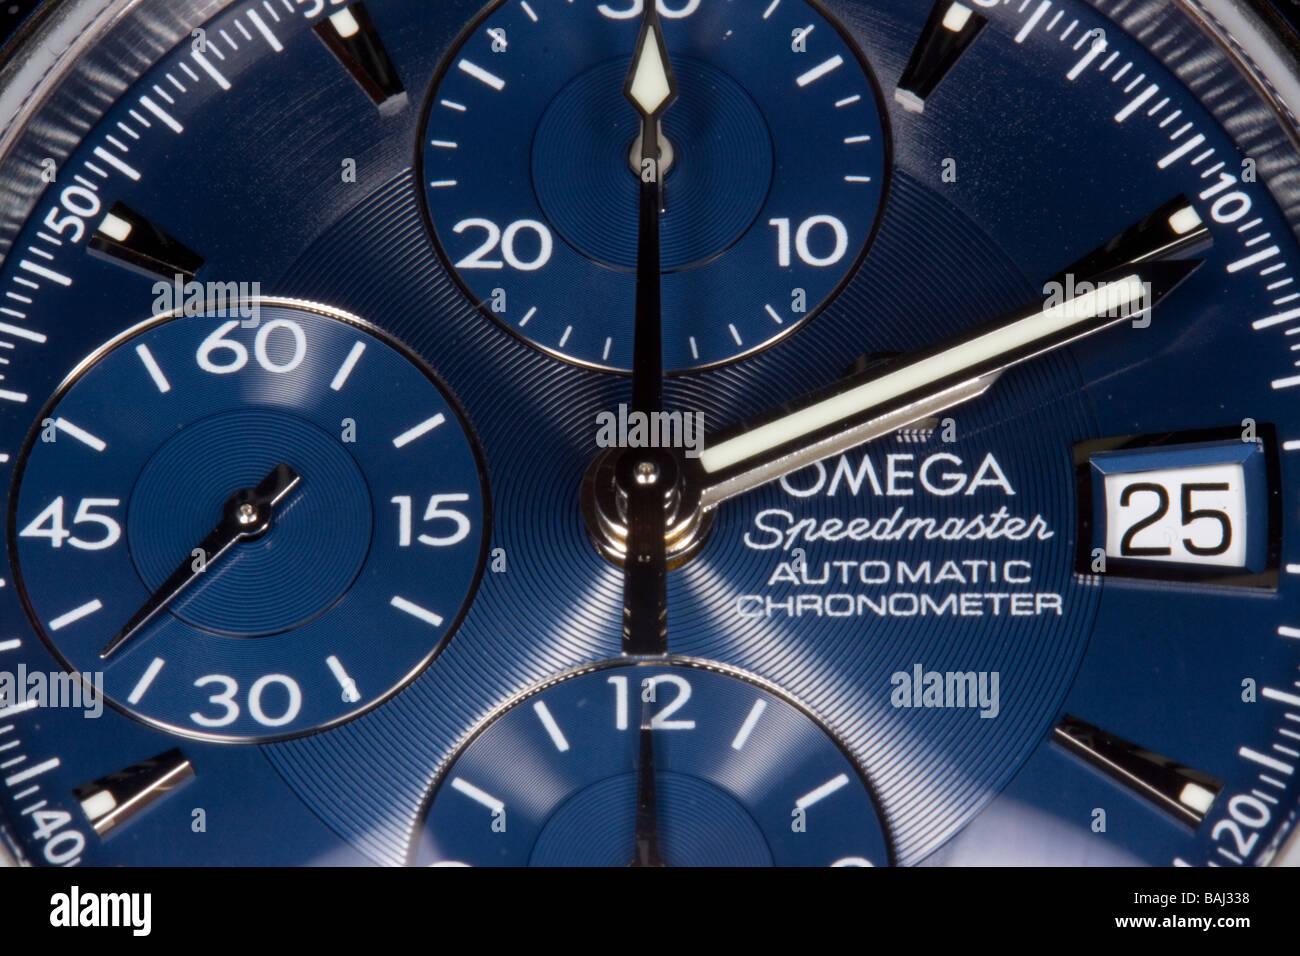 Omega Speedmaster Dial - Stock Image